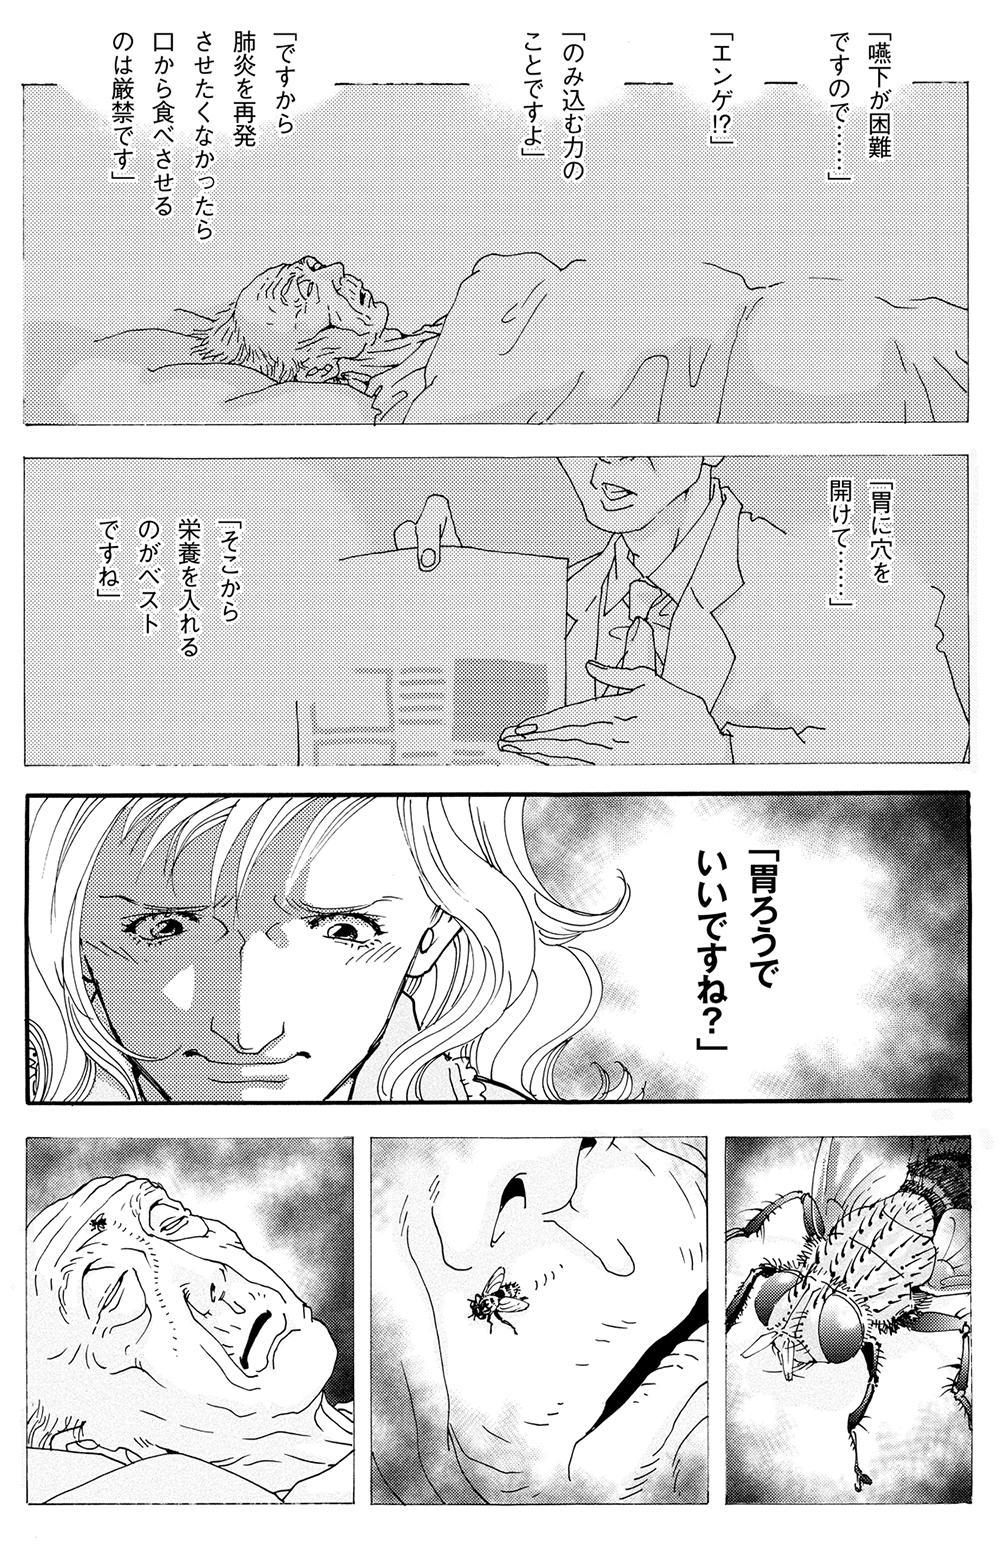 ヘルプマン!! 第4話「介護詐欺」helpman04-14.jpg